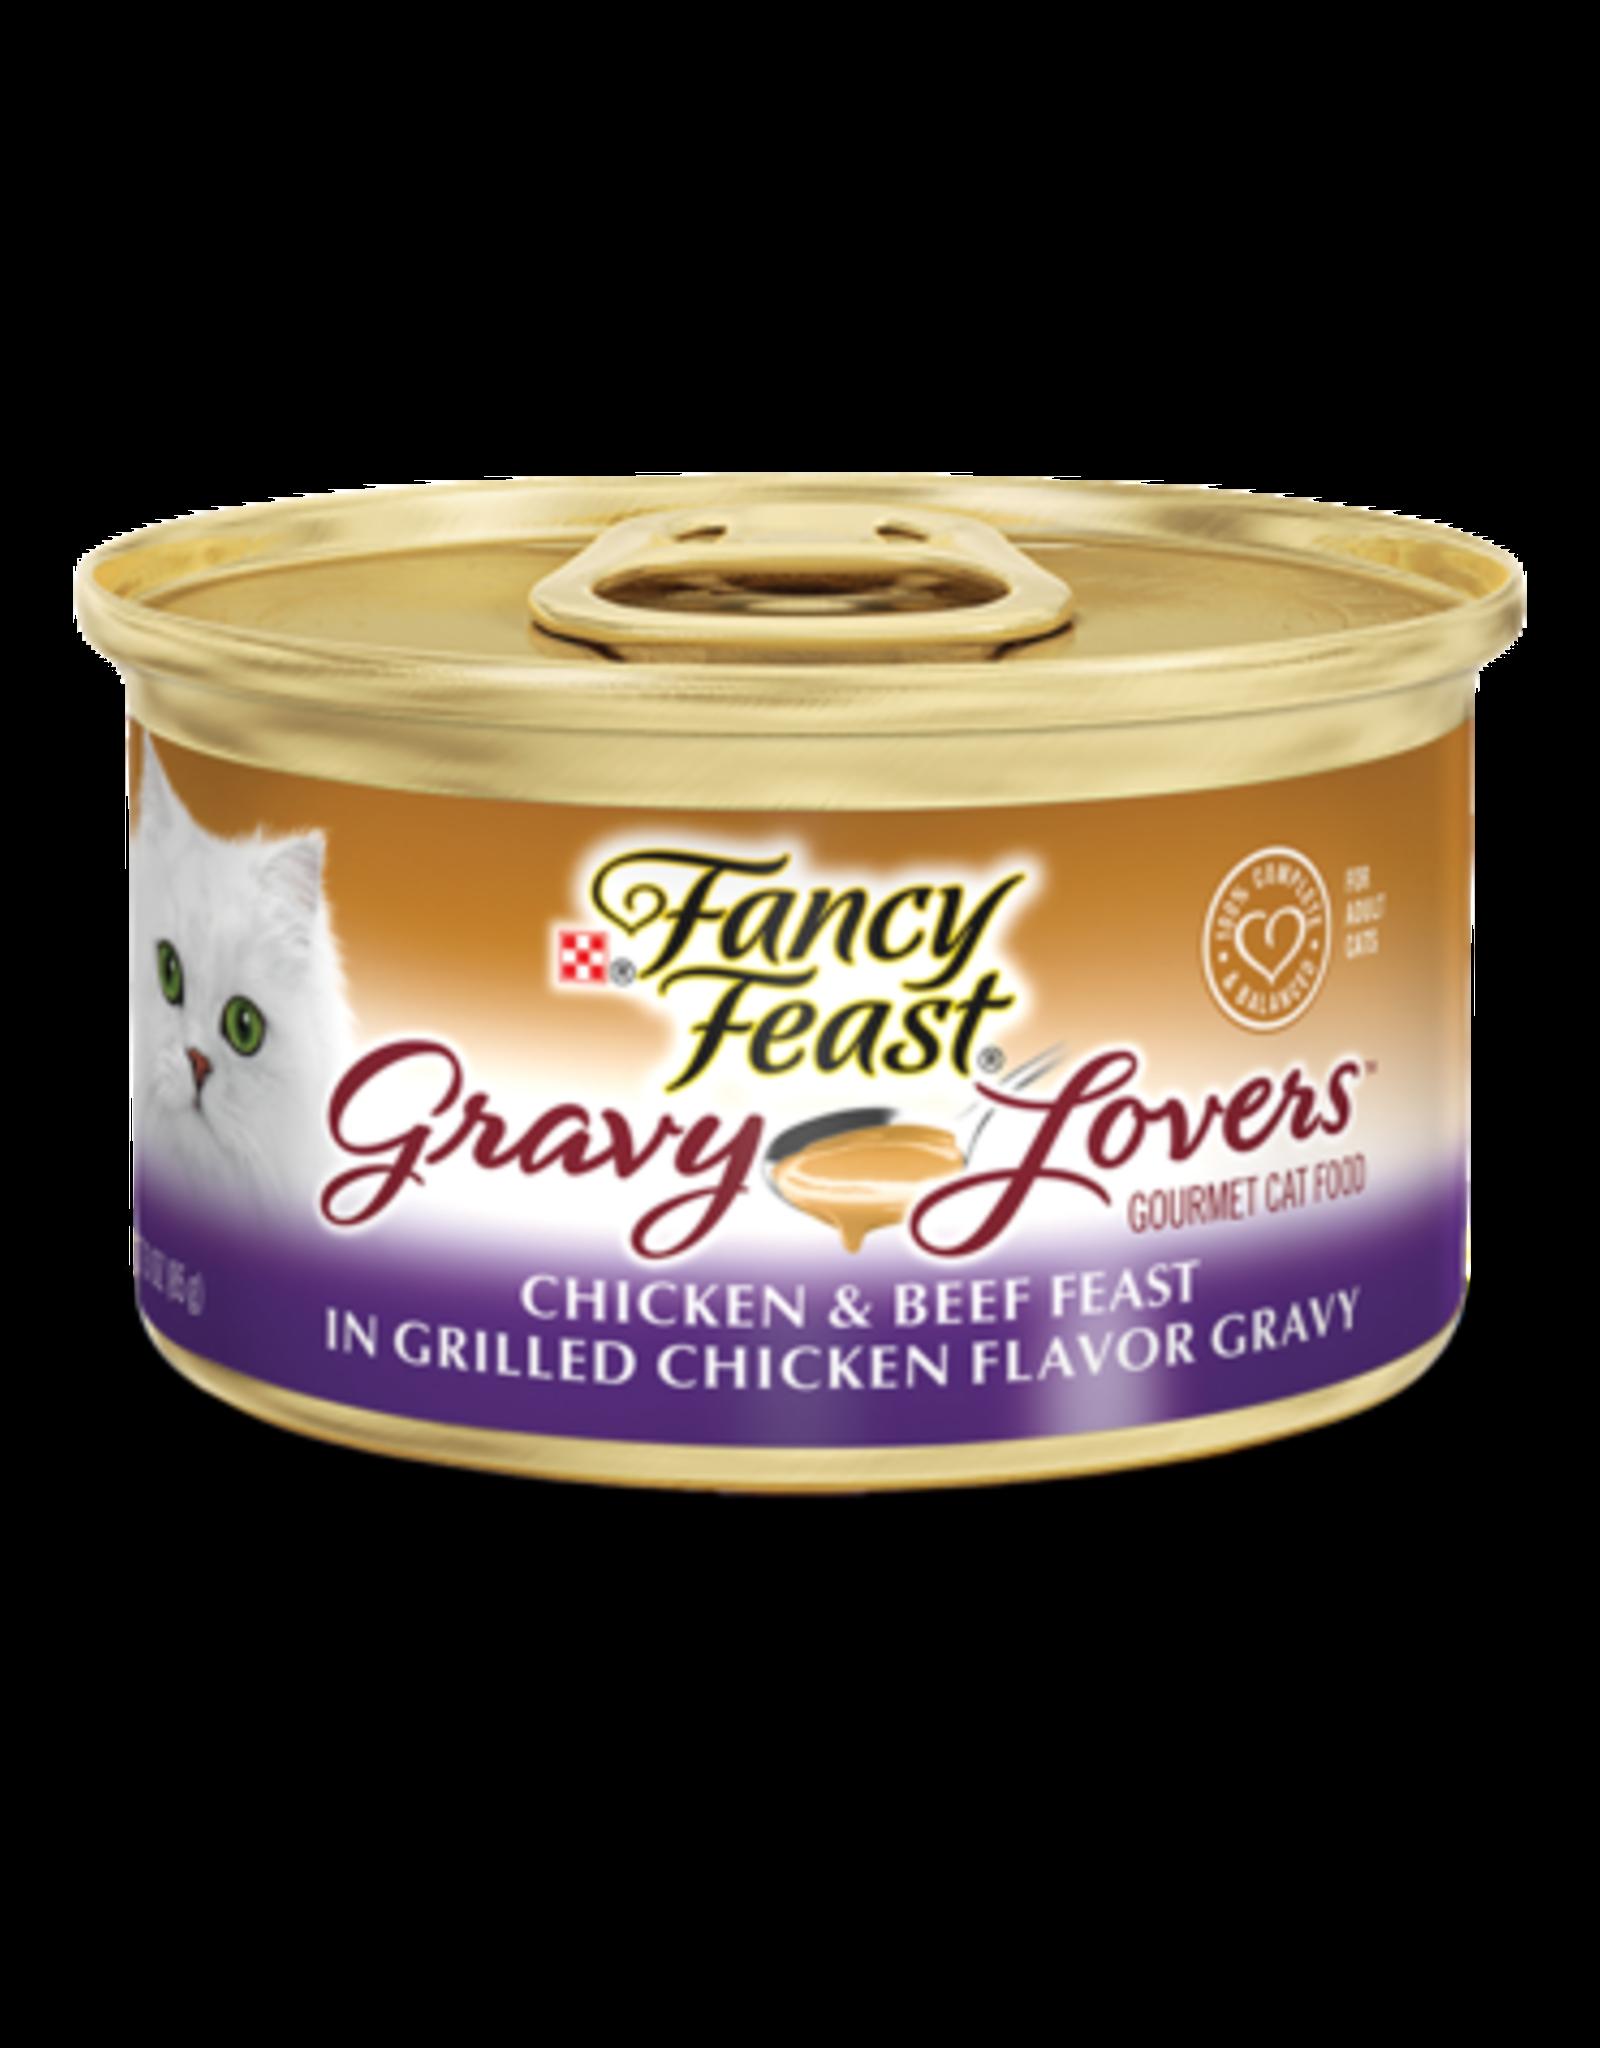 FANCY FEAST GRAVY LOVERS CHICKEN/BEEF 3OZ CASE OF 24